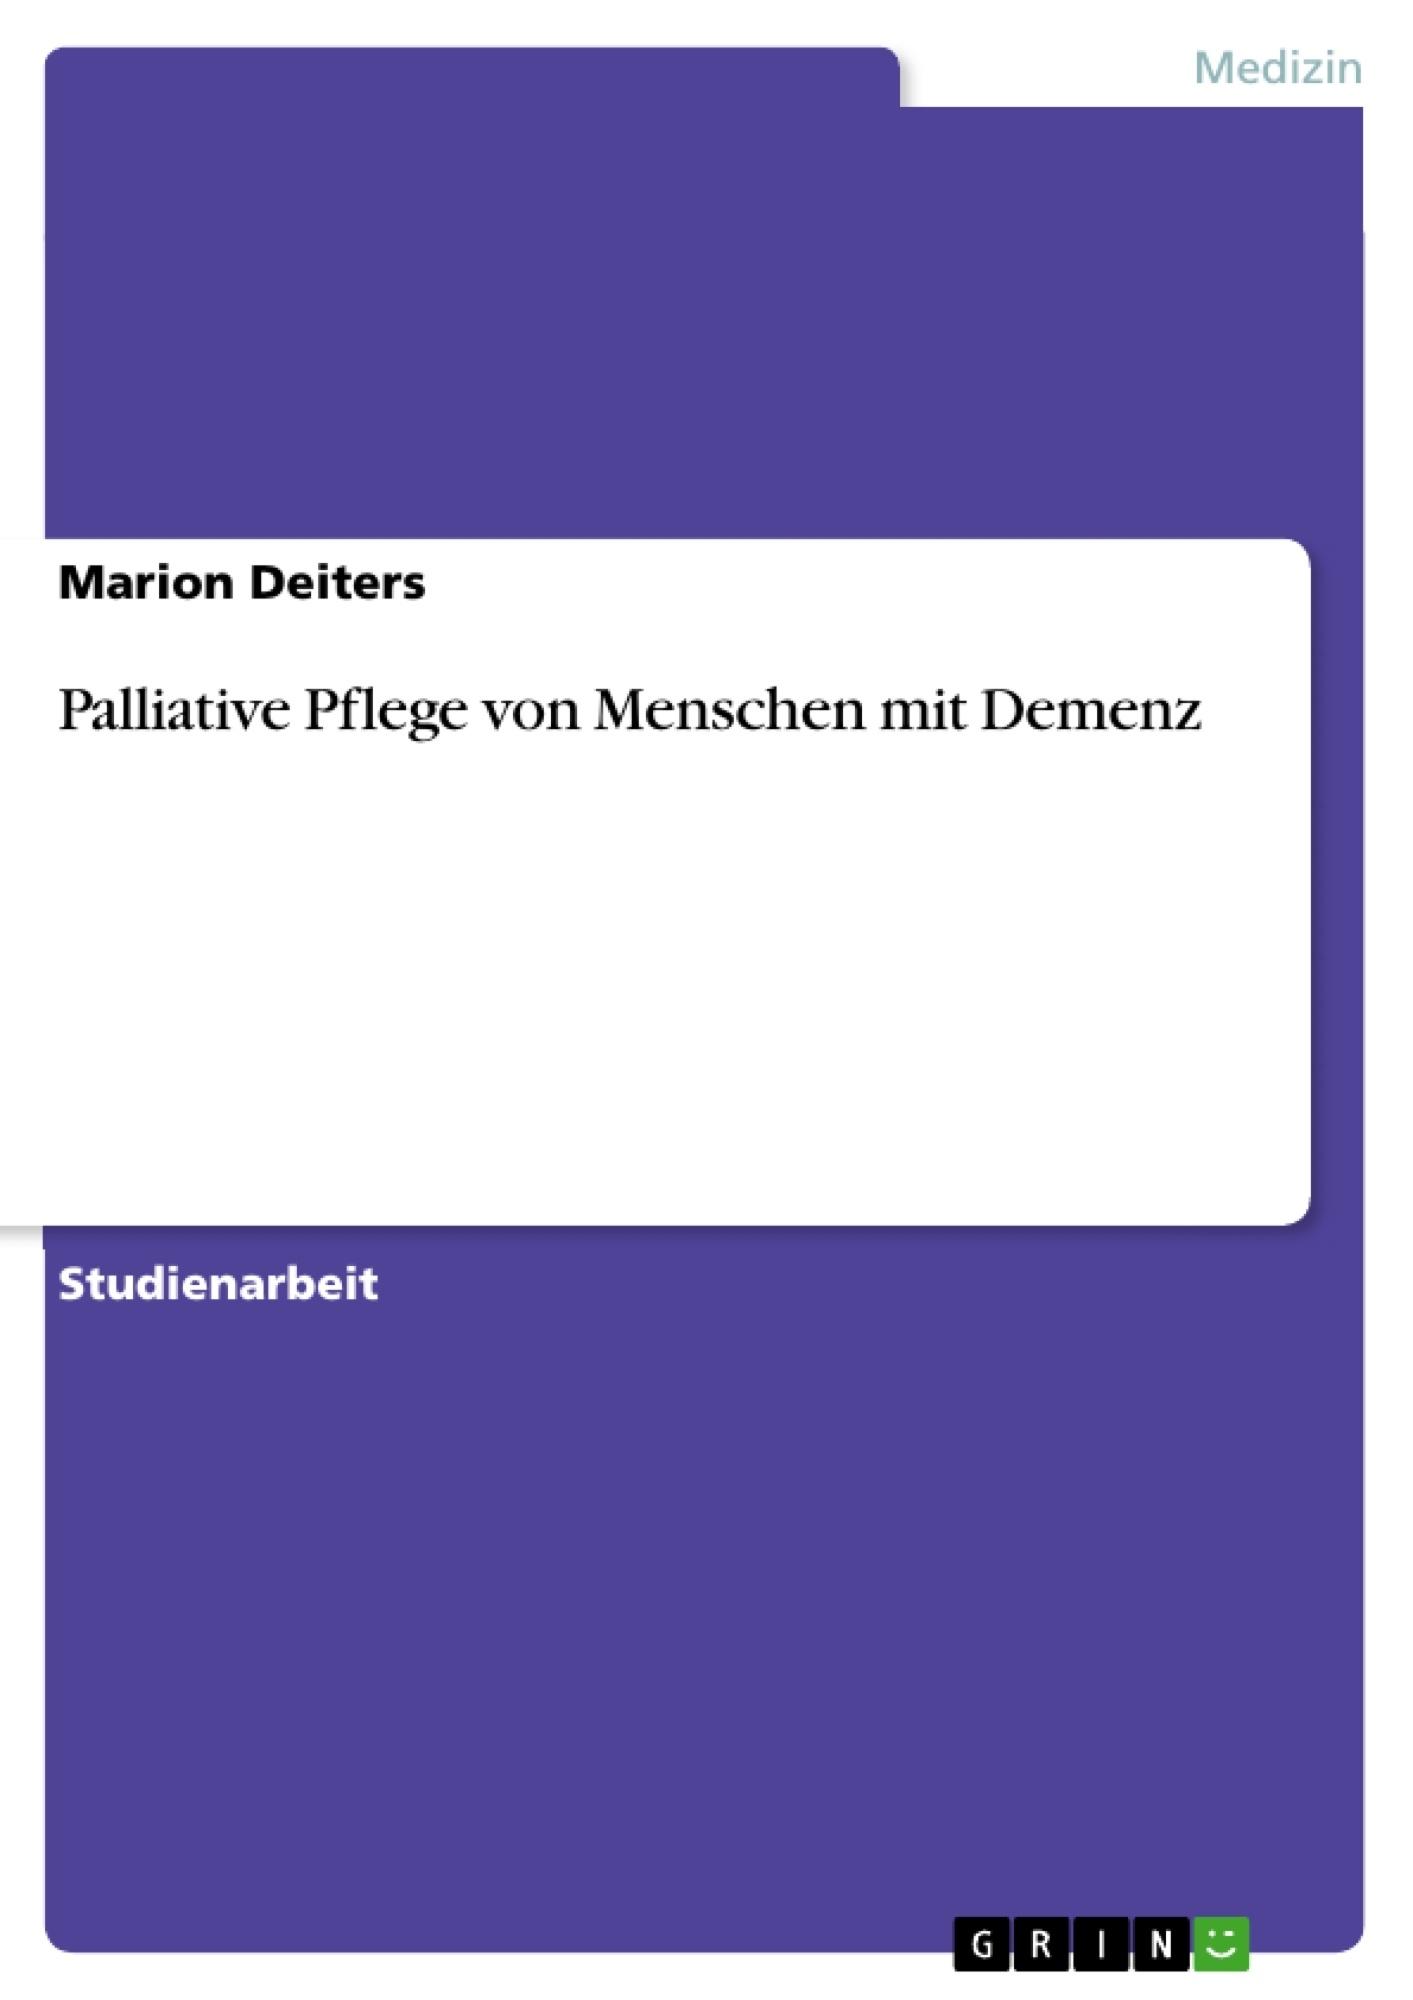 Titel: Palliative Pflege von Menschen mit Demenz